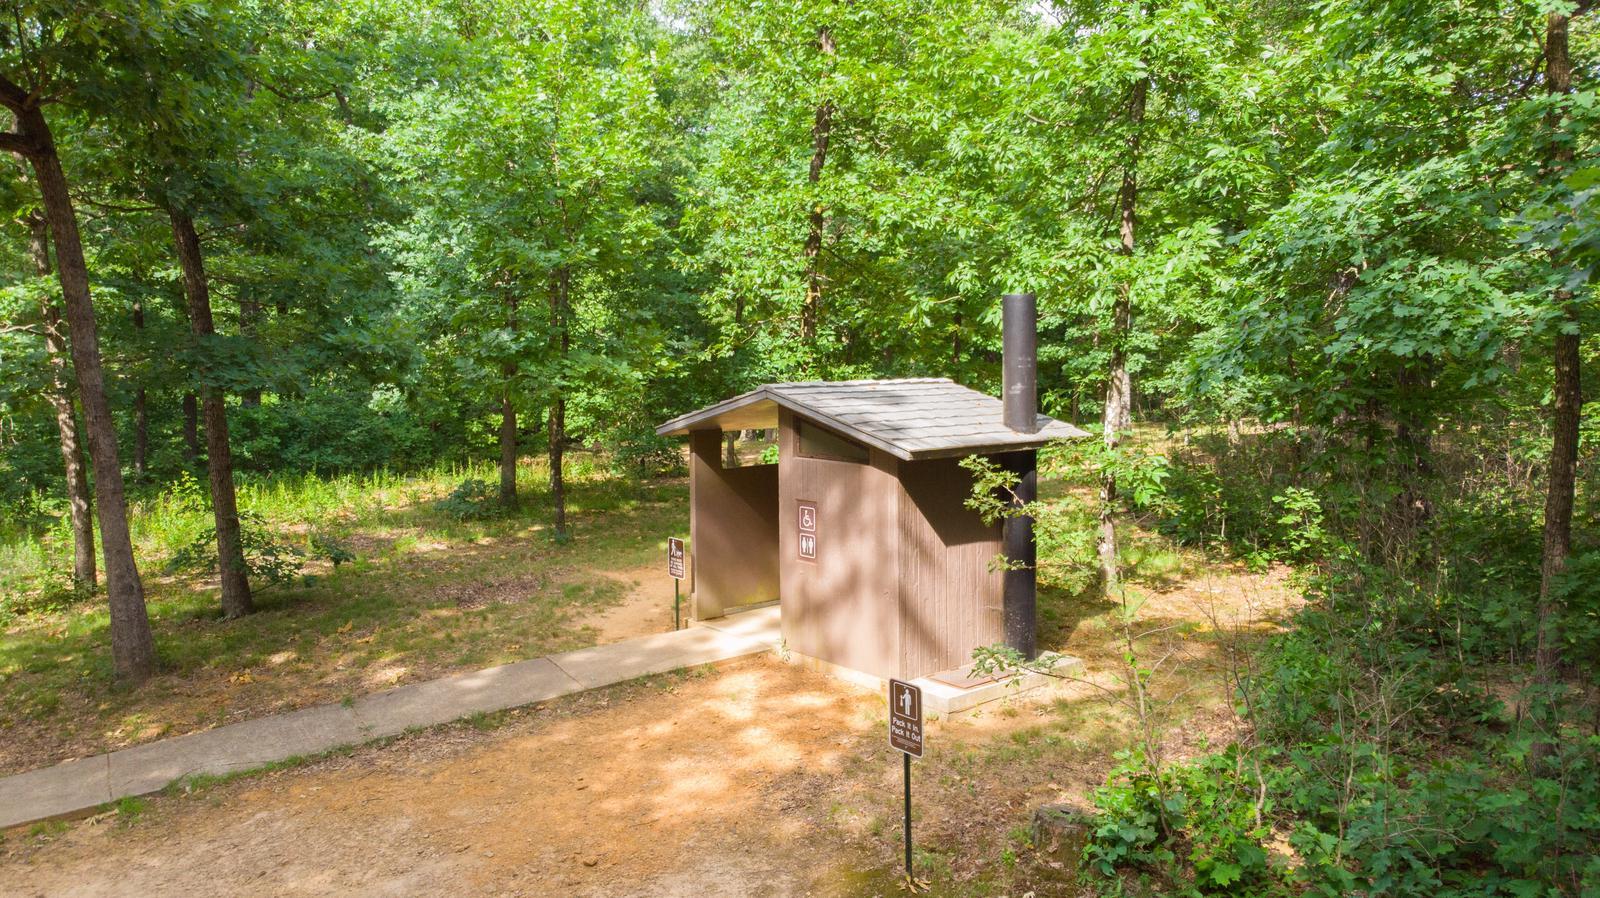 Vault Toilet White Rock MountainVault Toilet